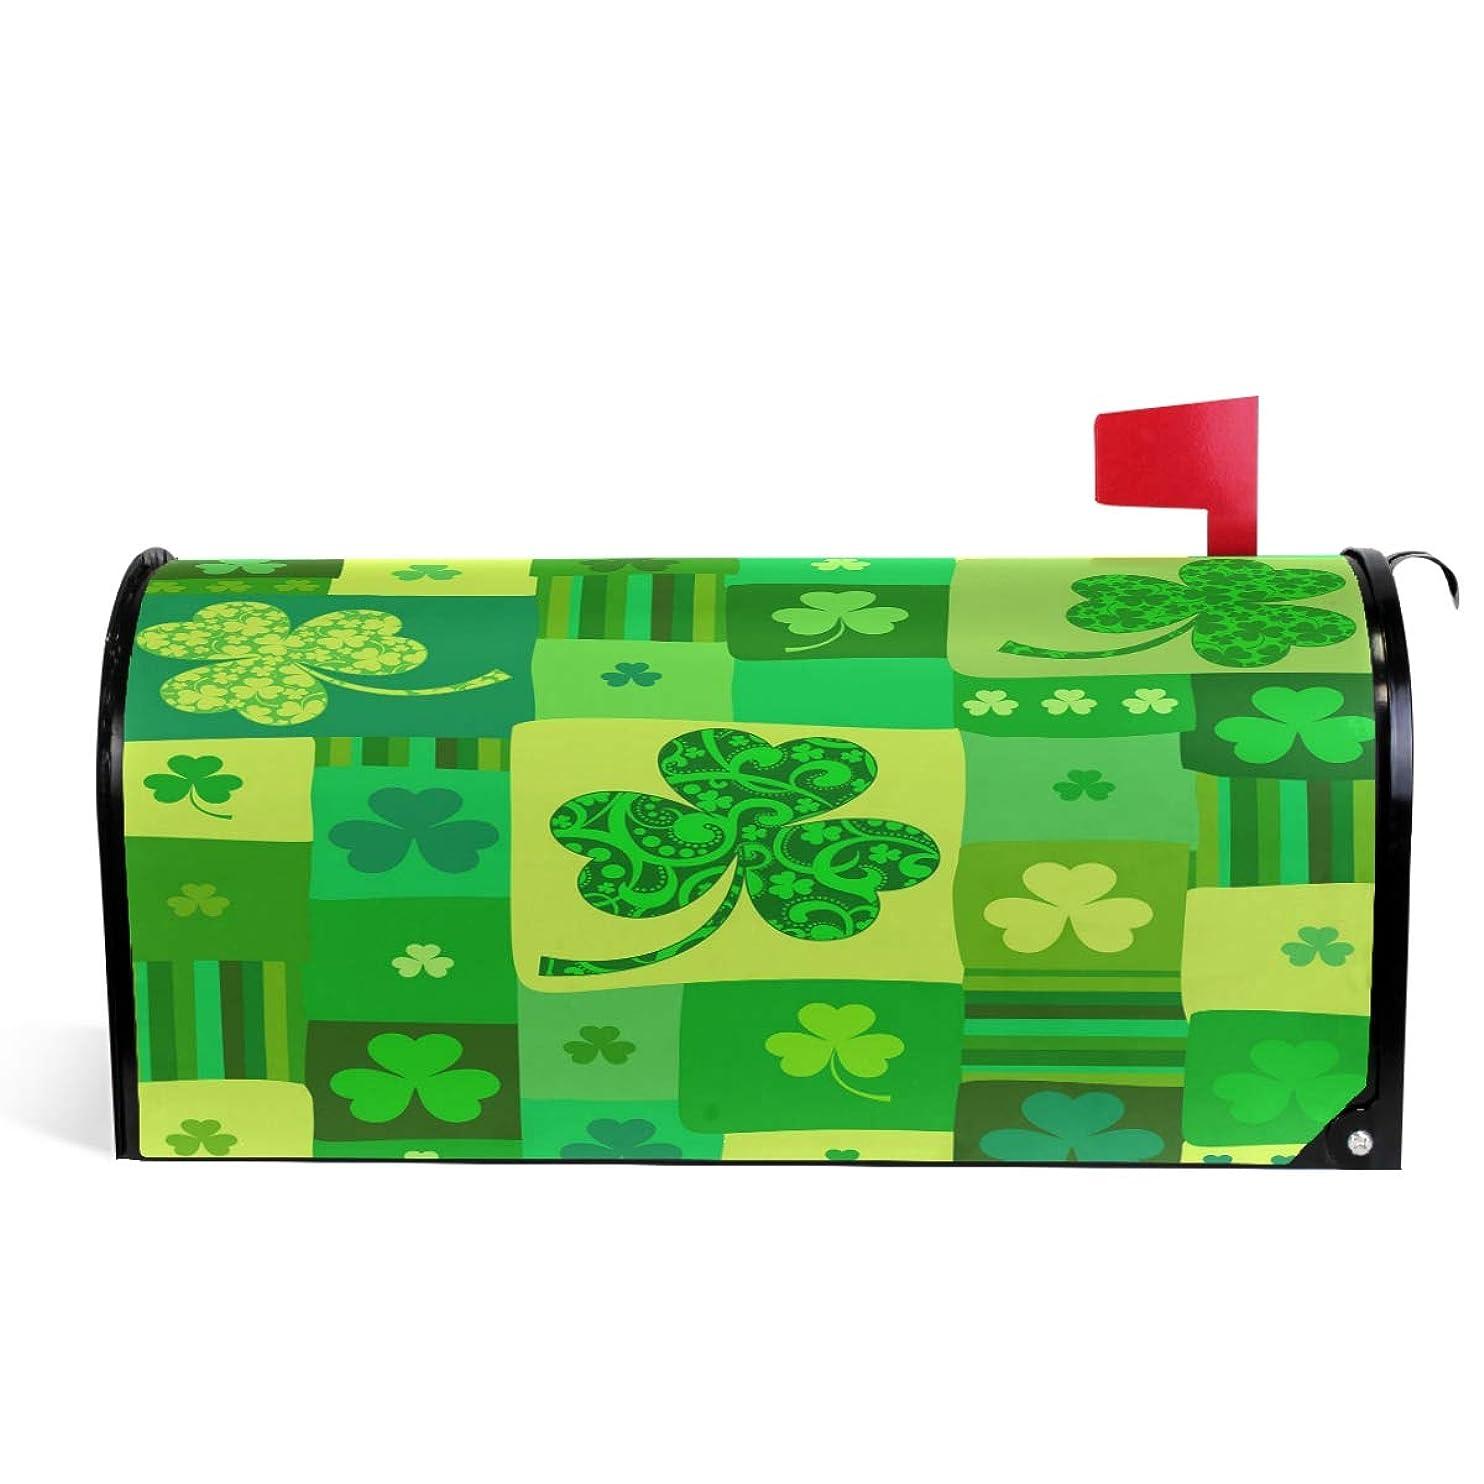 恨み誠実ビデオSt.Patrick Day シャムロッククローバー 磁気メールボックスカバー メールラップ 緑のパッチワーク 格子柄 メールボックスラップ ポストボックス ガーデンヤード 室内装飾 屋外用 標準サイズ 52.6x45.8cm